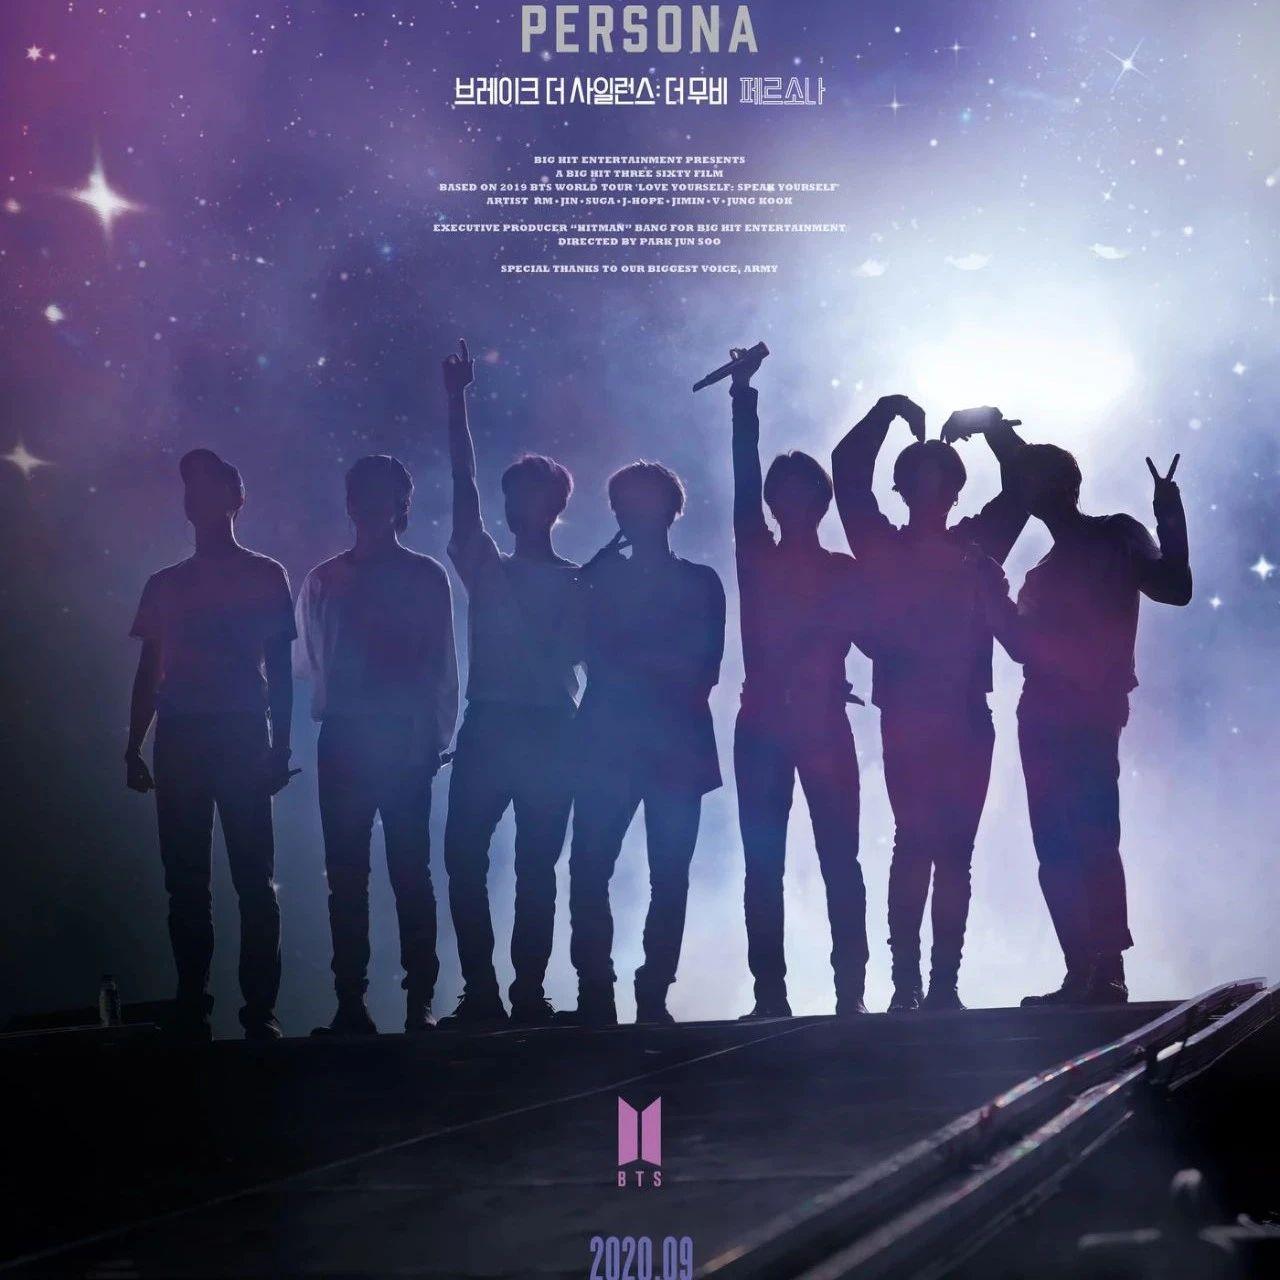 防弹少年团电影确定24日上映;PENTAGON、TXT确定10月回归;郑秀妍将于9月末出版自传小说《Shine》